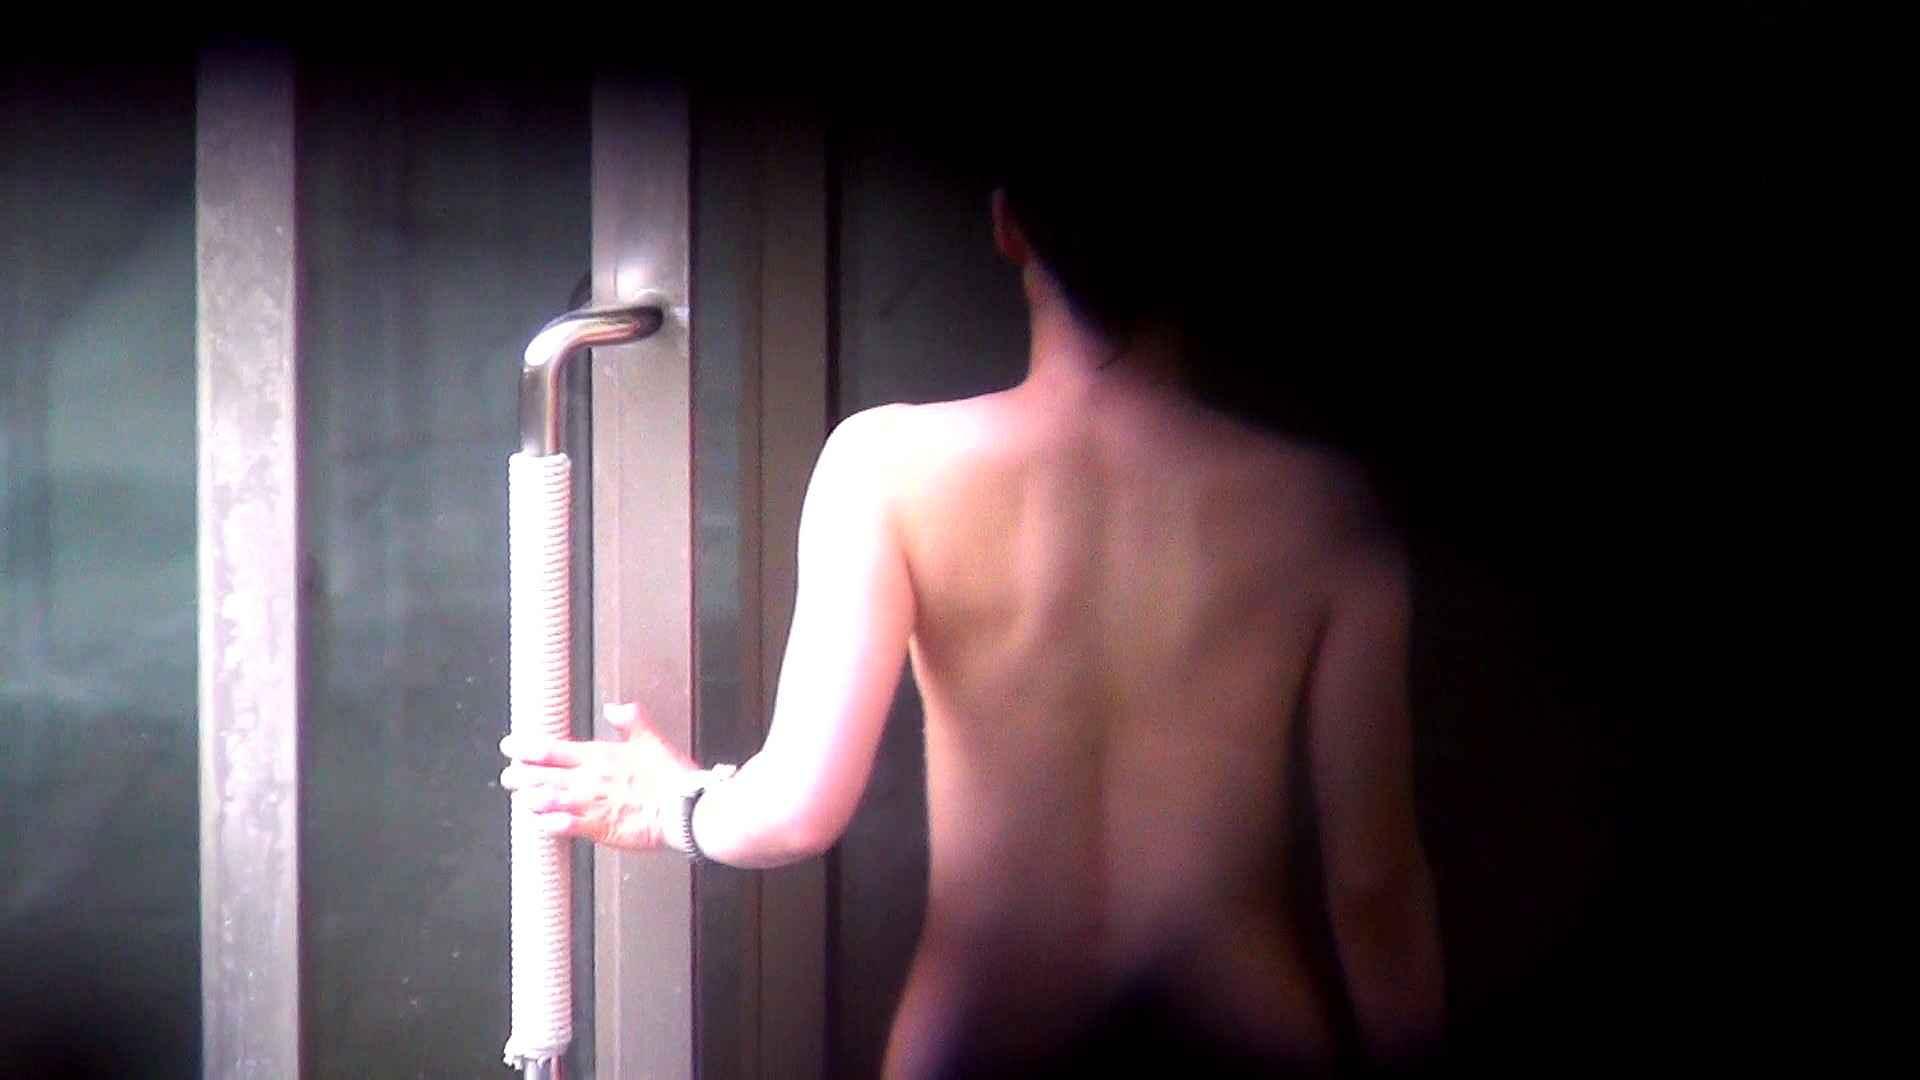 Vol.60 細身美女の股間から垂れているタコ糸 裸体 SEX無修正画像 75連発 18